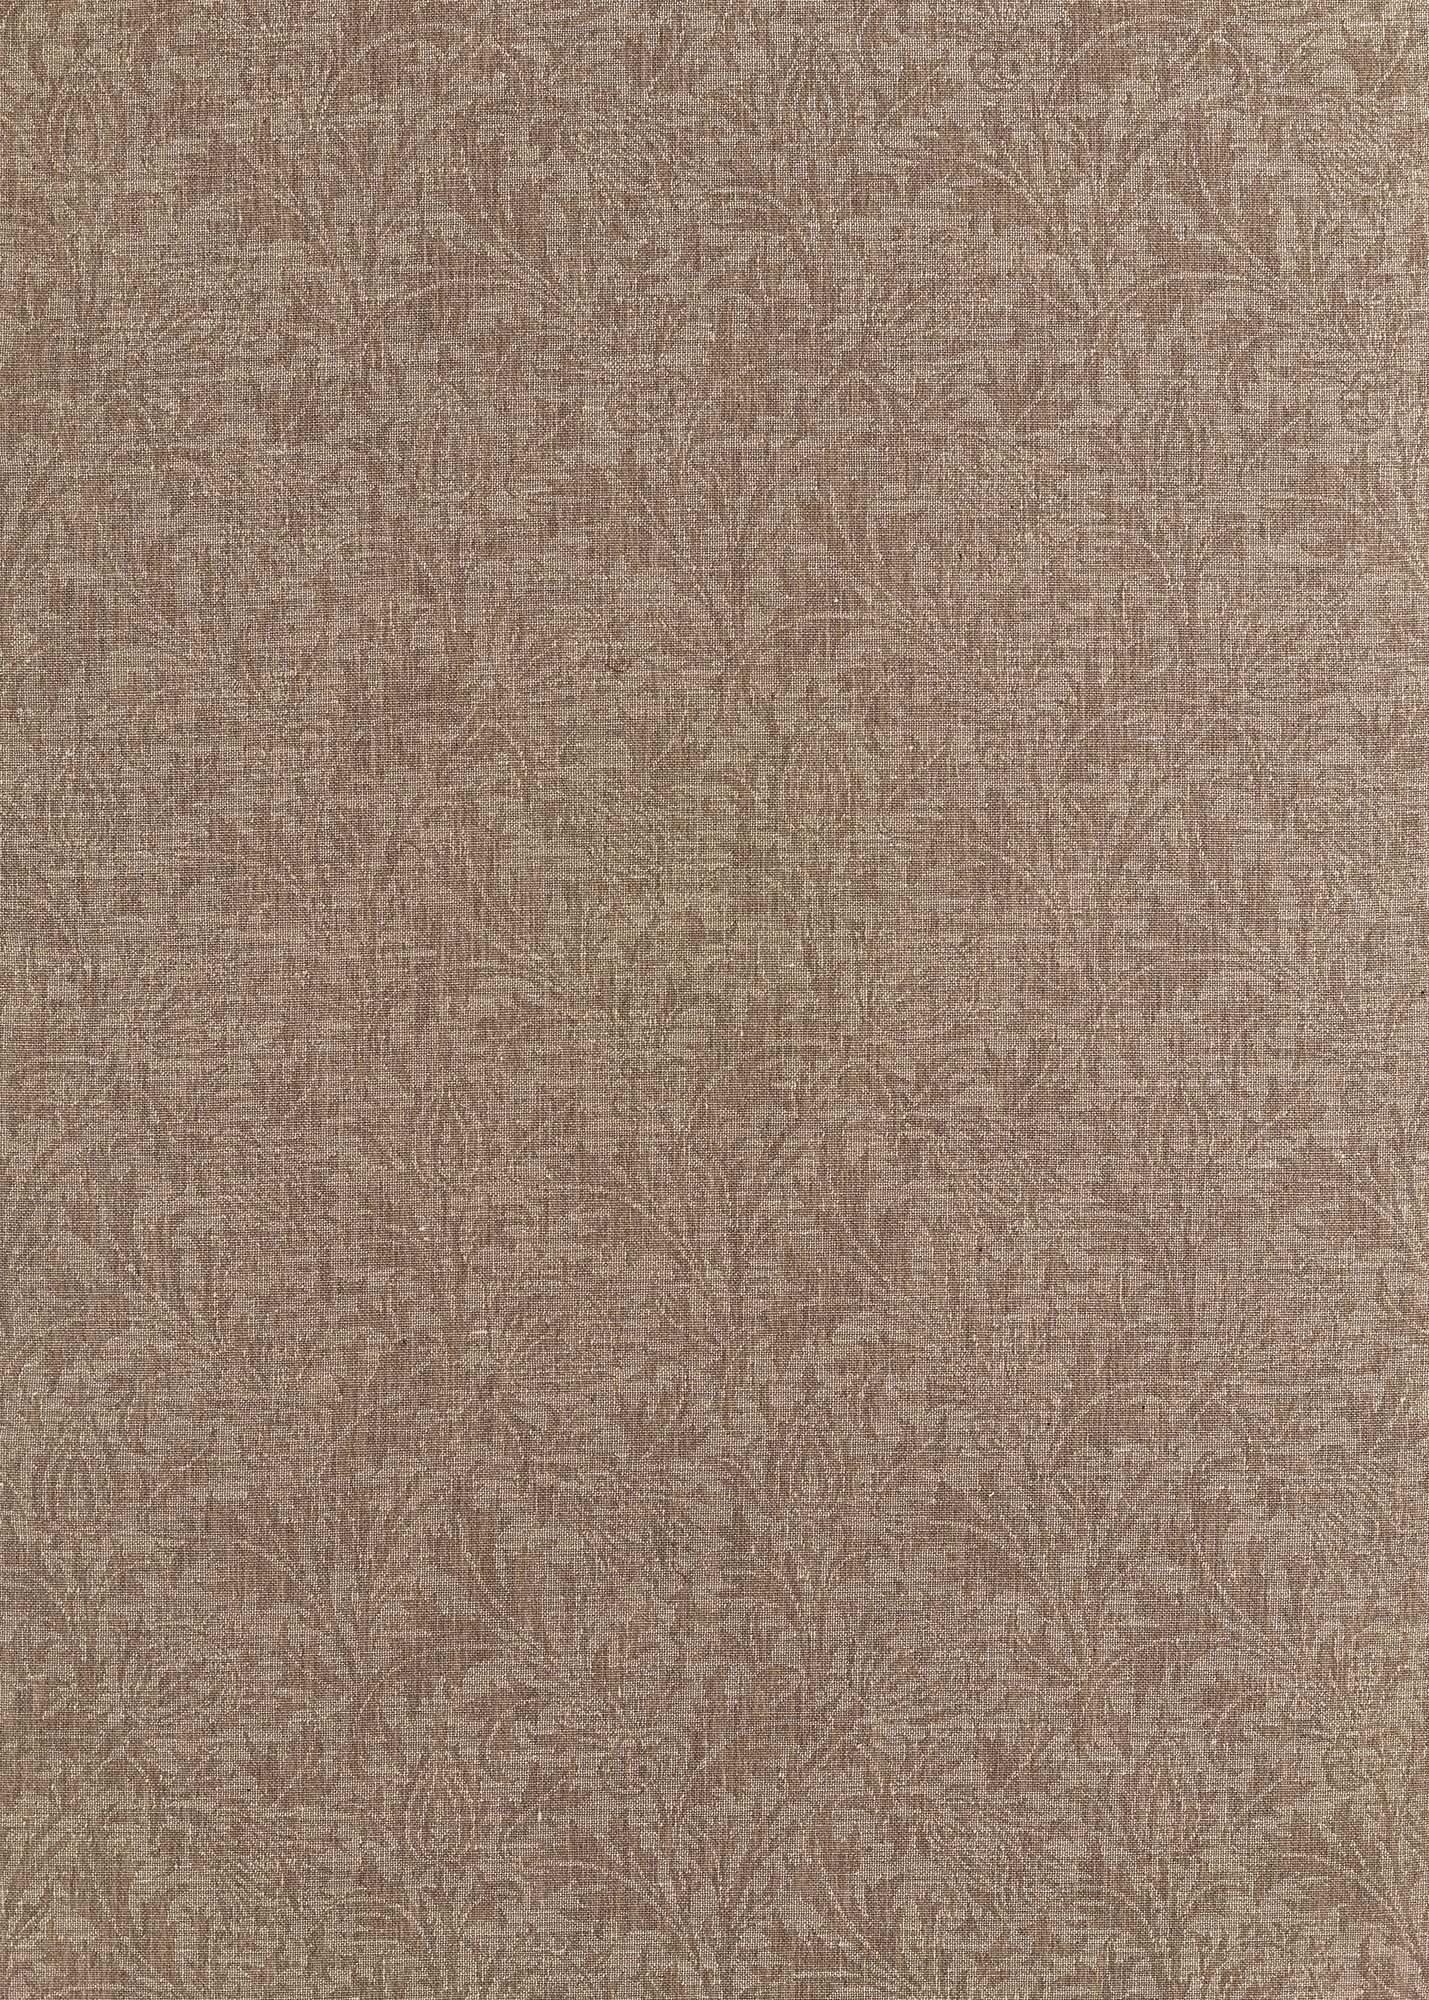 ウィリアムモリス生地 Thistle Weave 236843